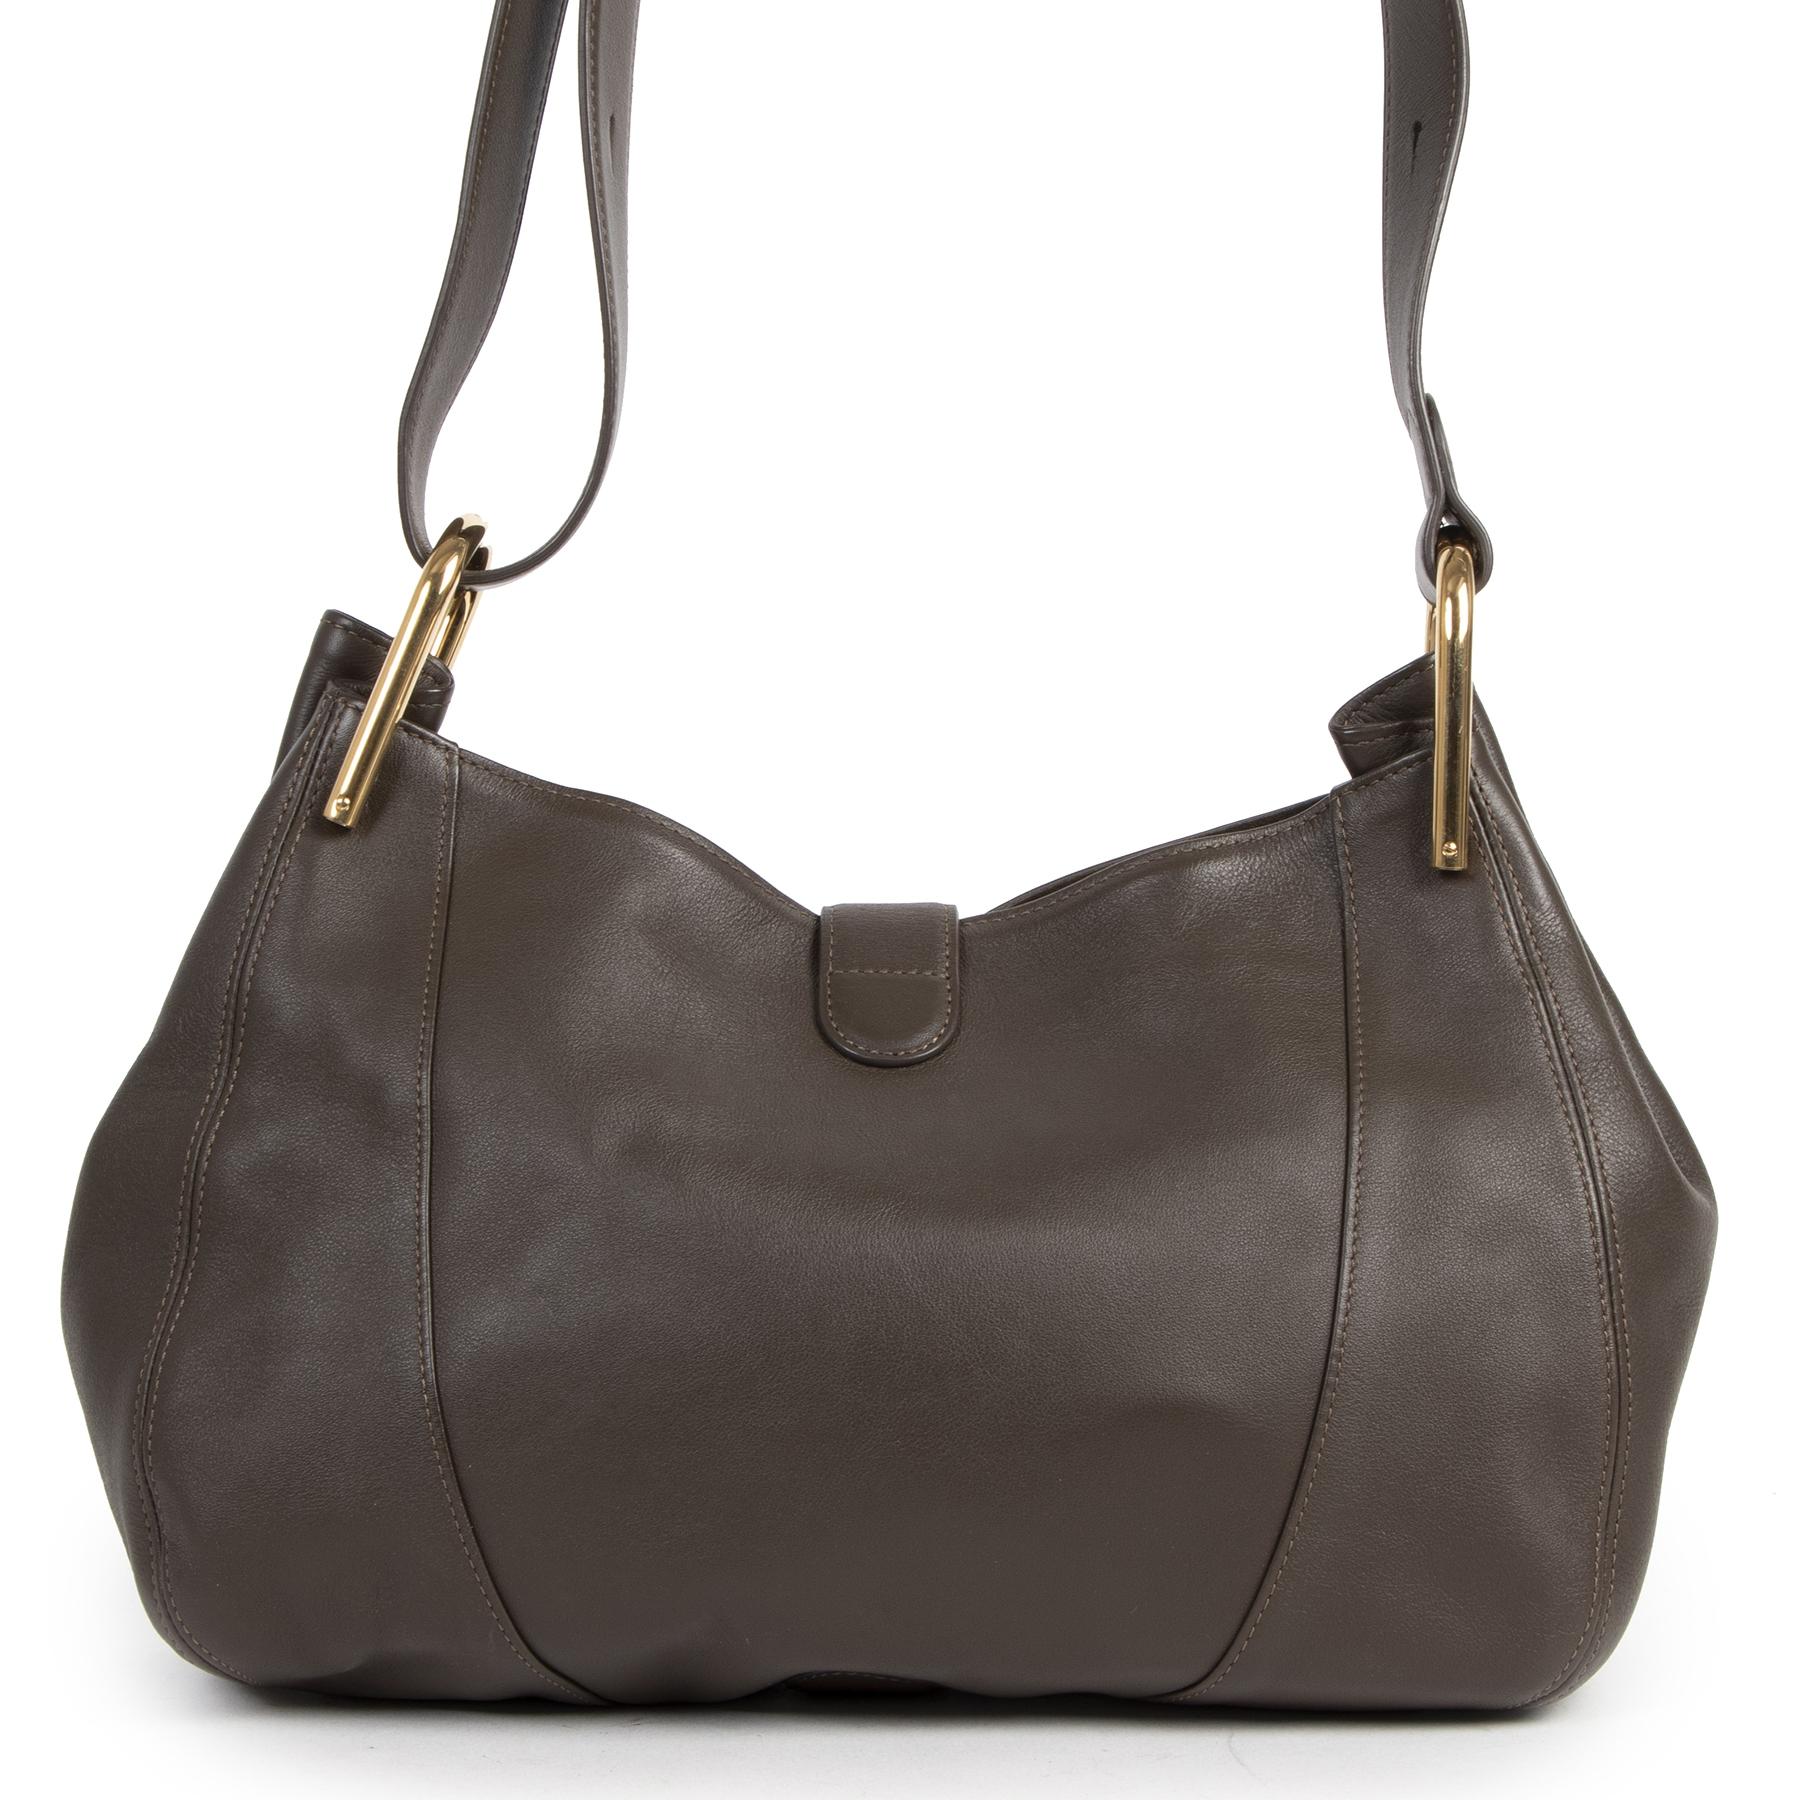 Koop authentieke tweedehands Delvaux tassen met de juiste prijs bij LabelLOV Antwerpen.